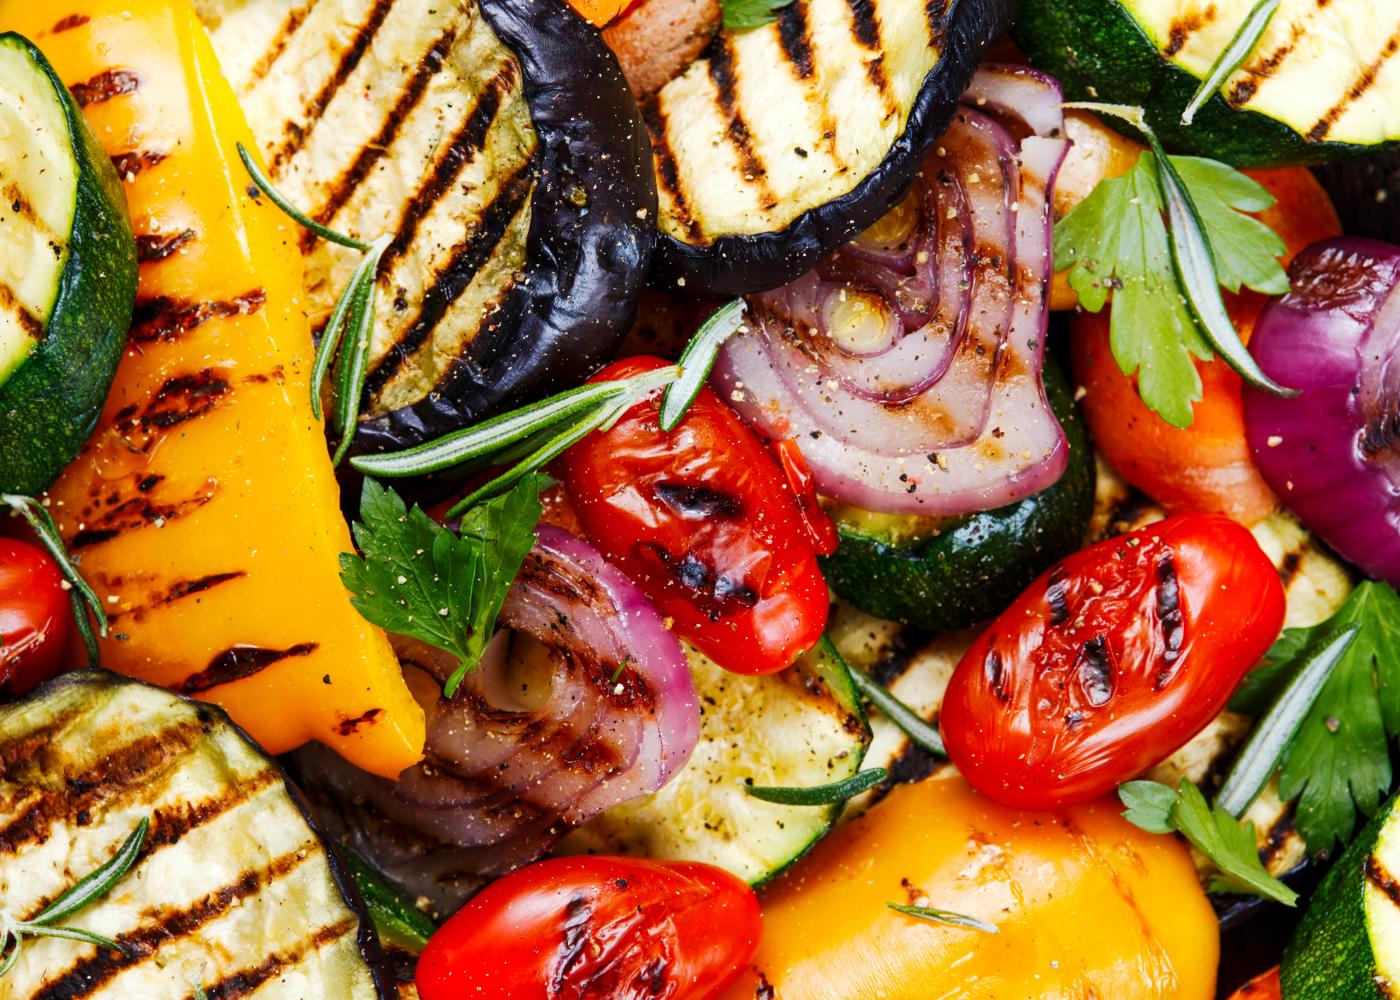 legumes no forno: receitas para todos os gostos e ocasioes